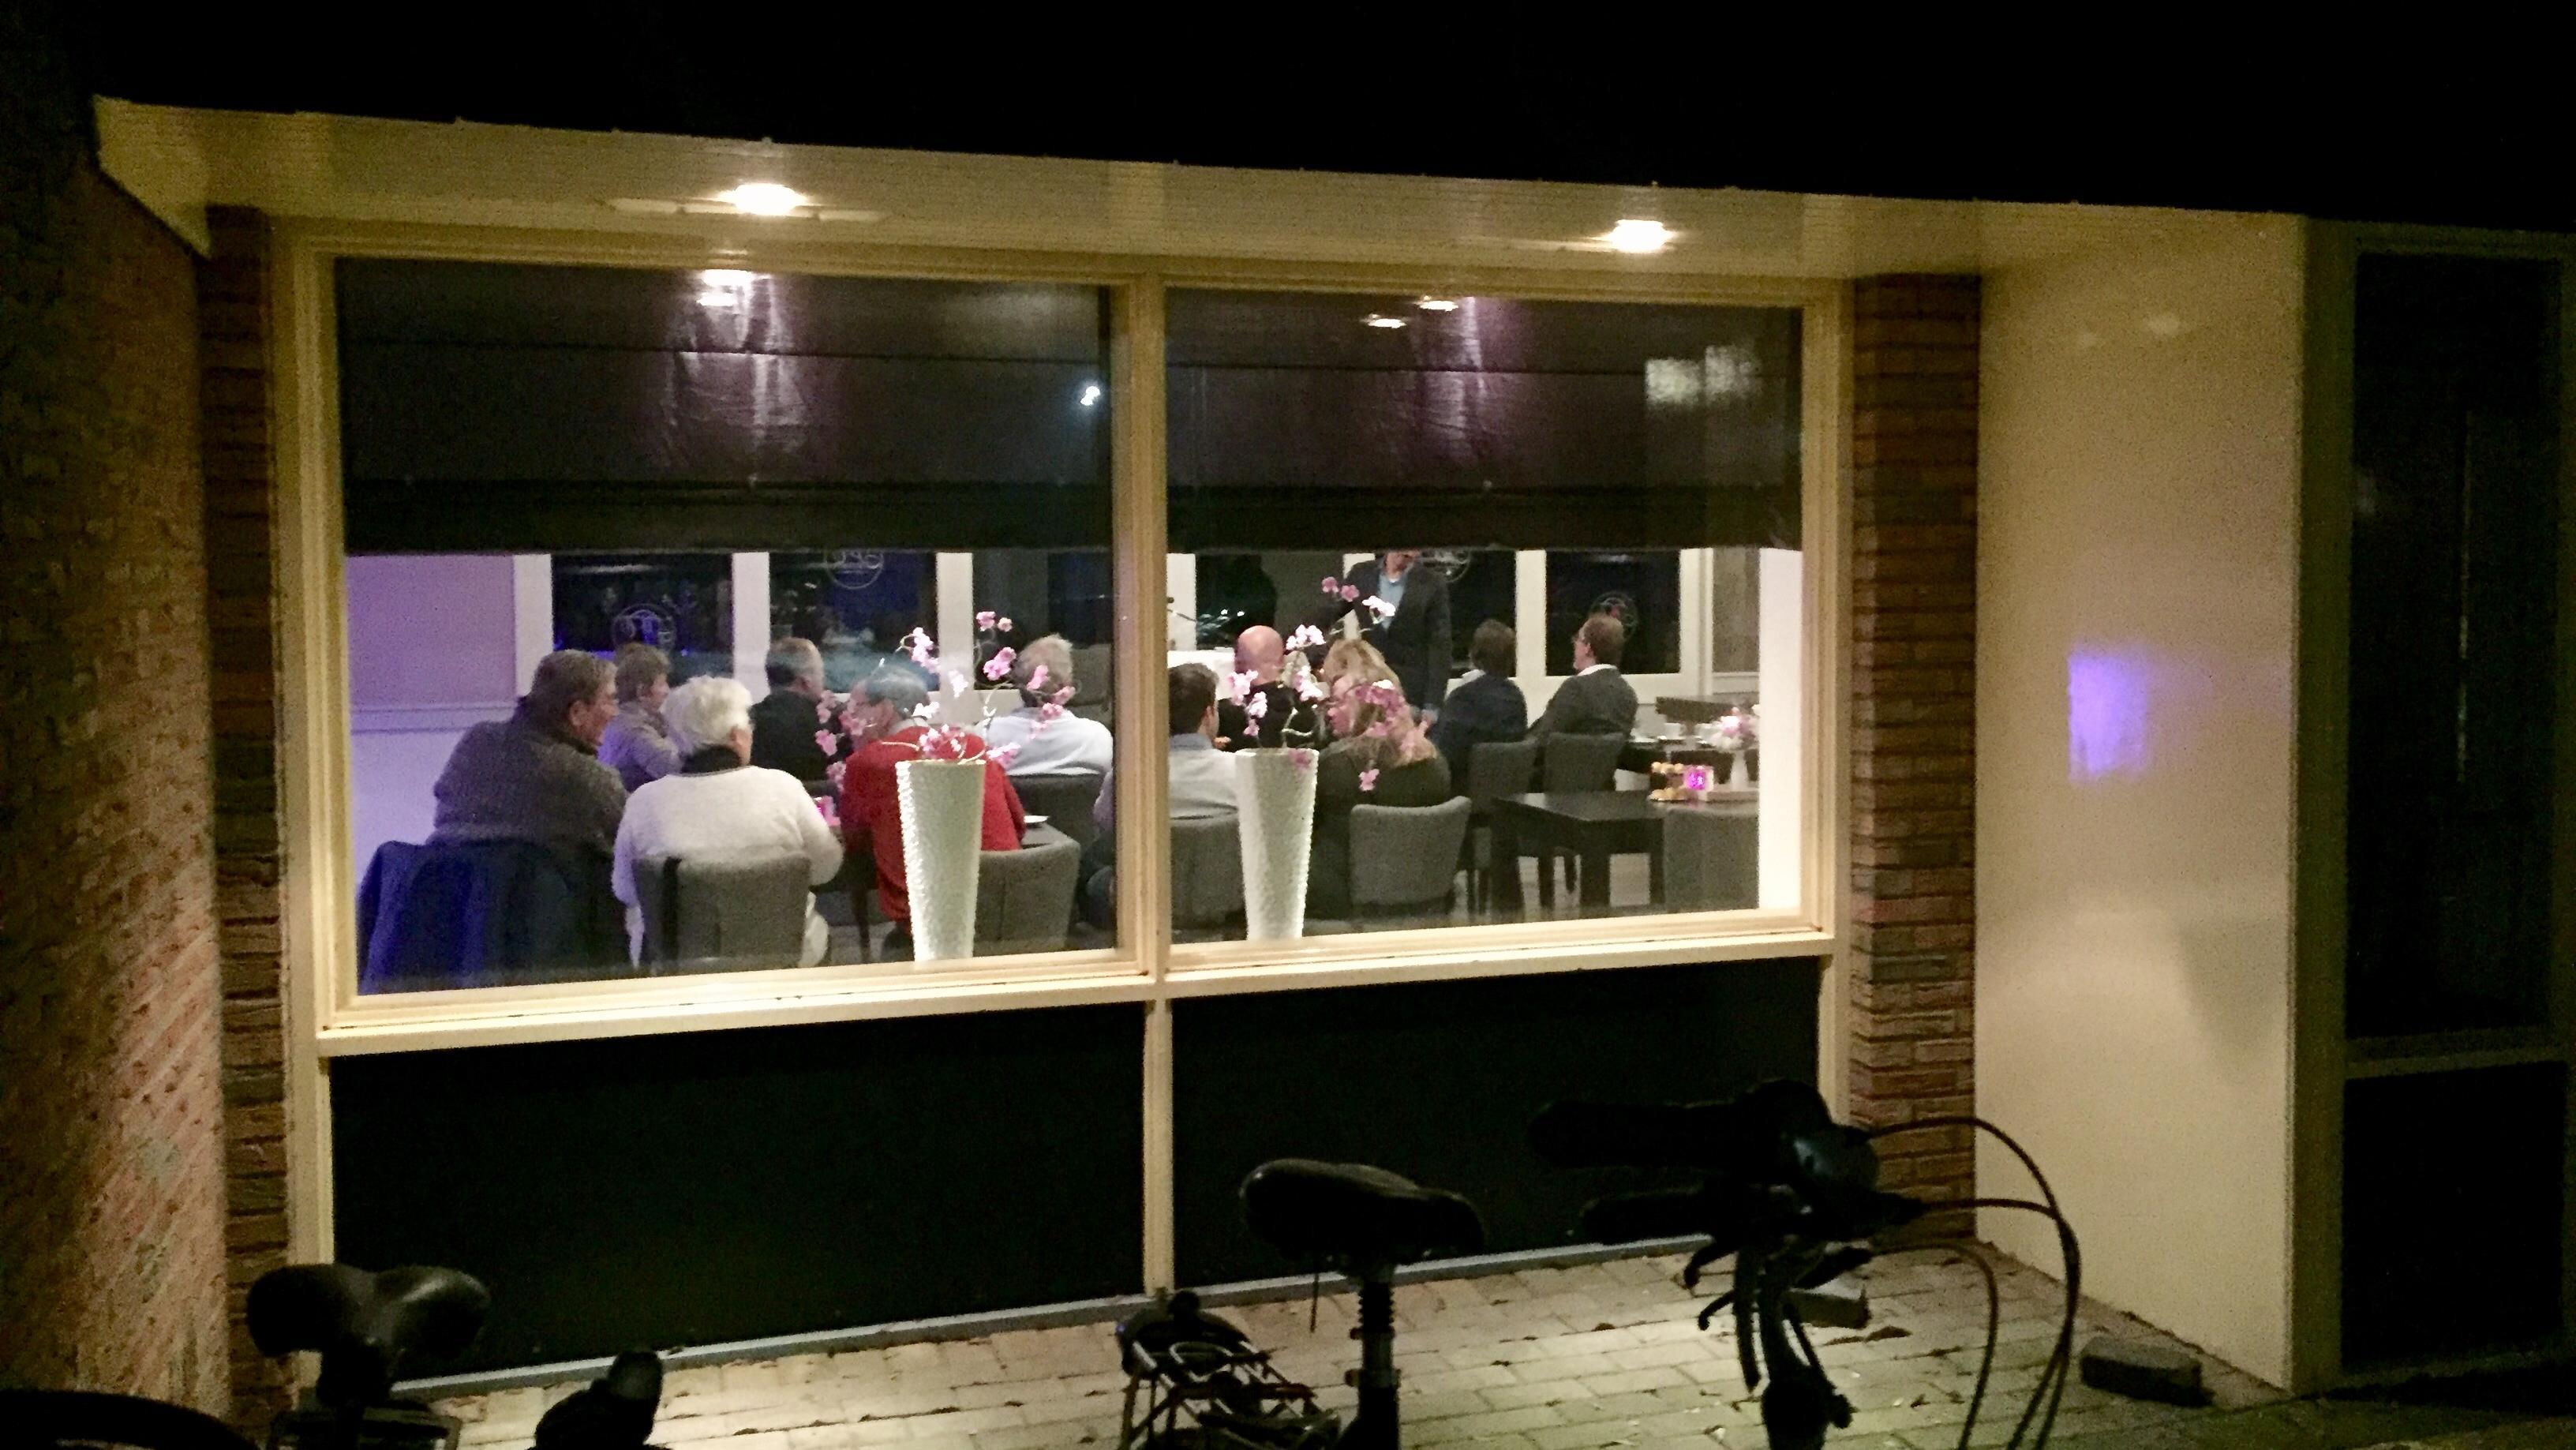 VVD-aanhang in de regio bejubelt Rutte na fatsoens-oproep in kranten